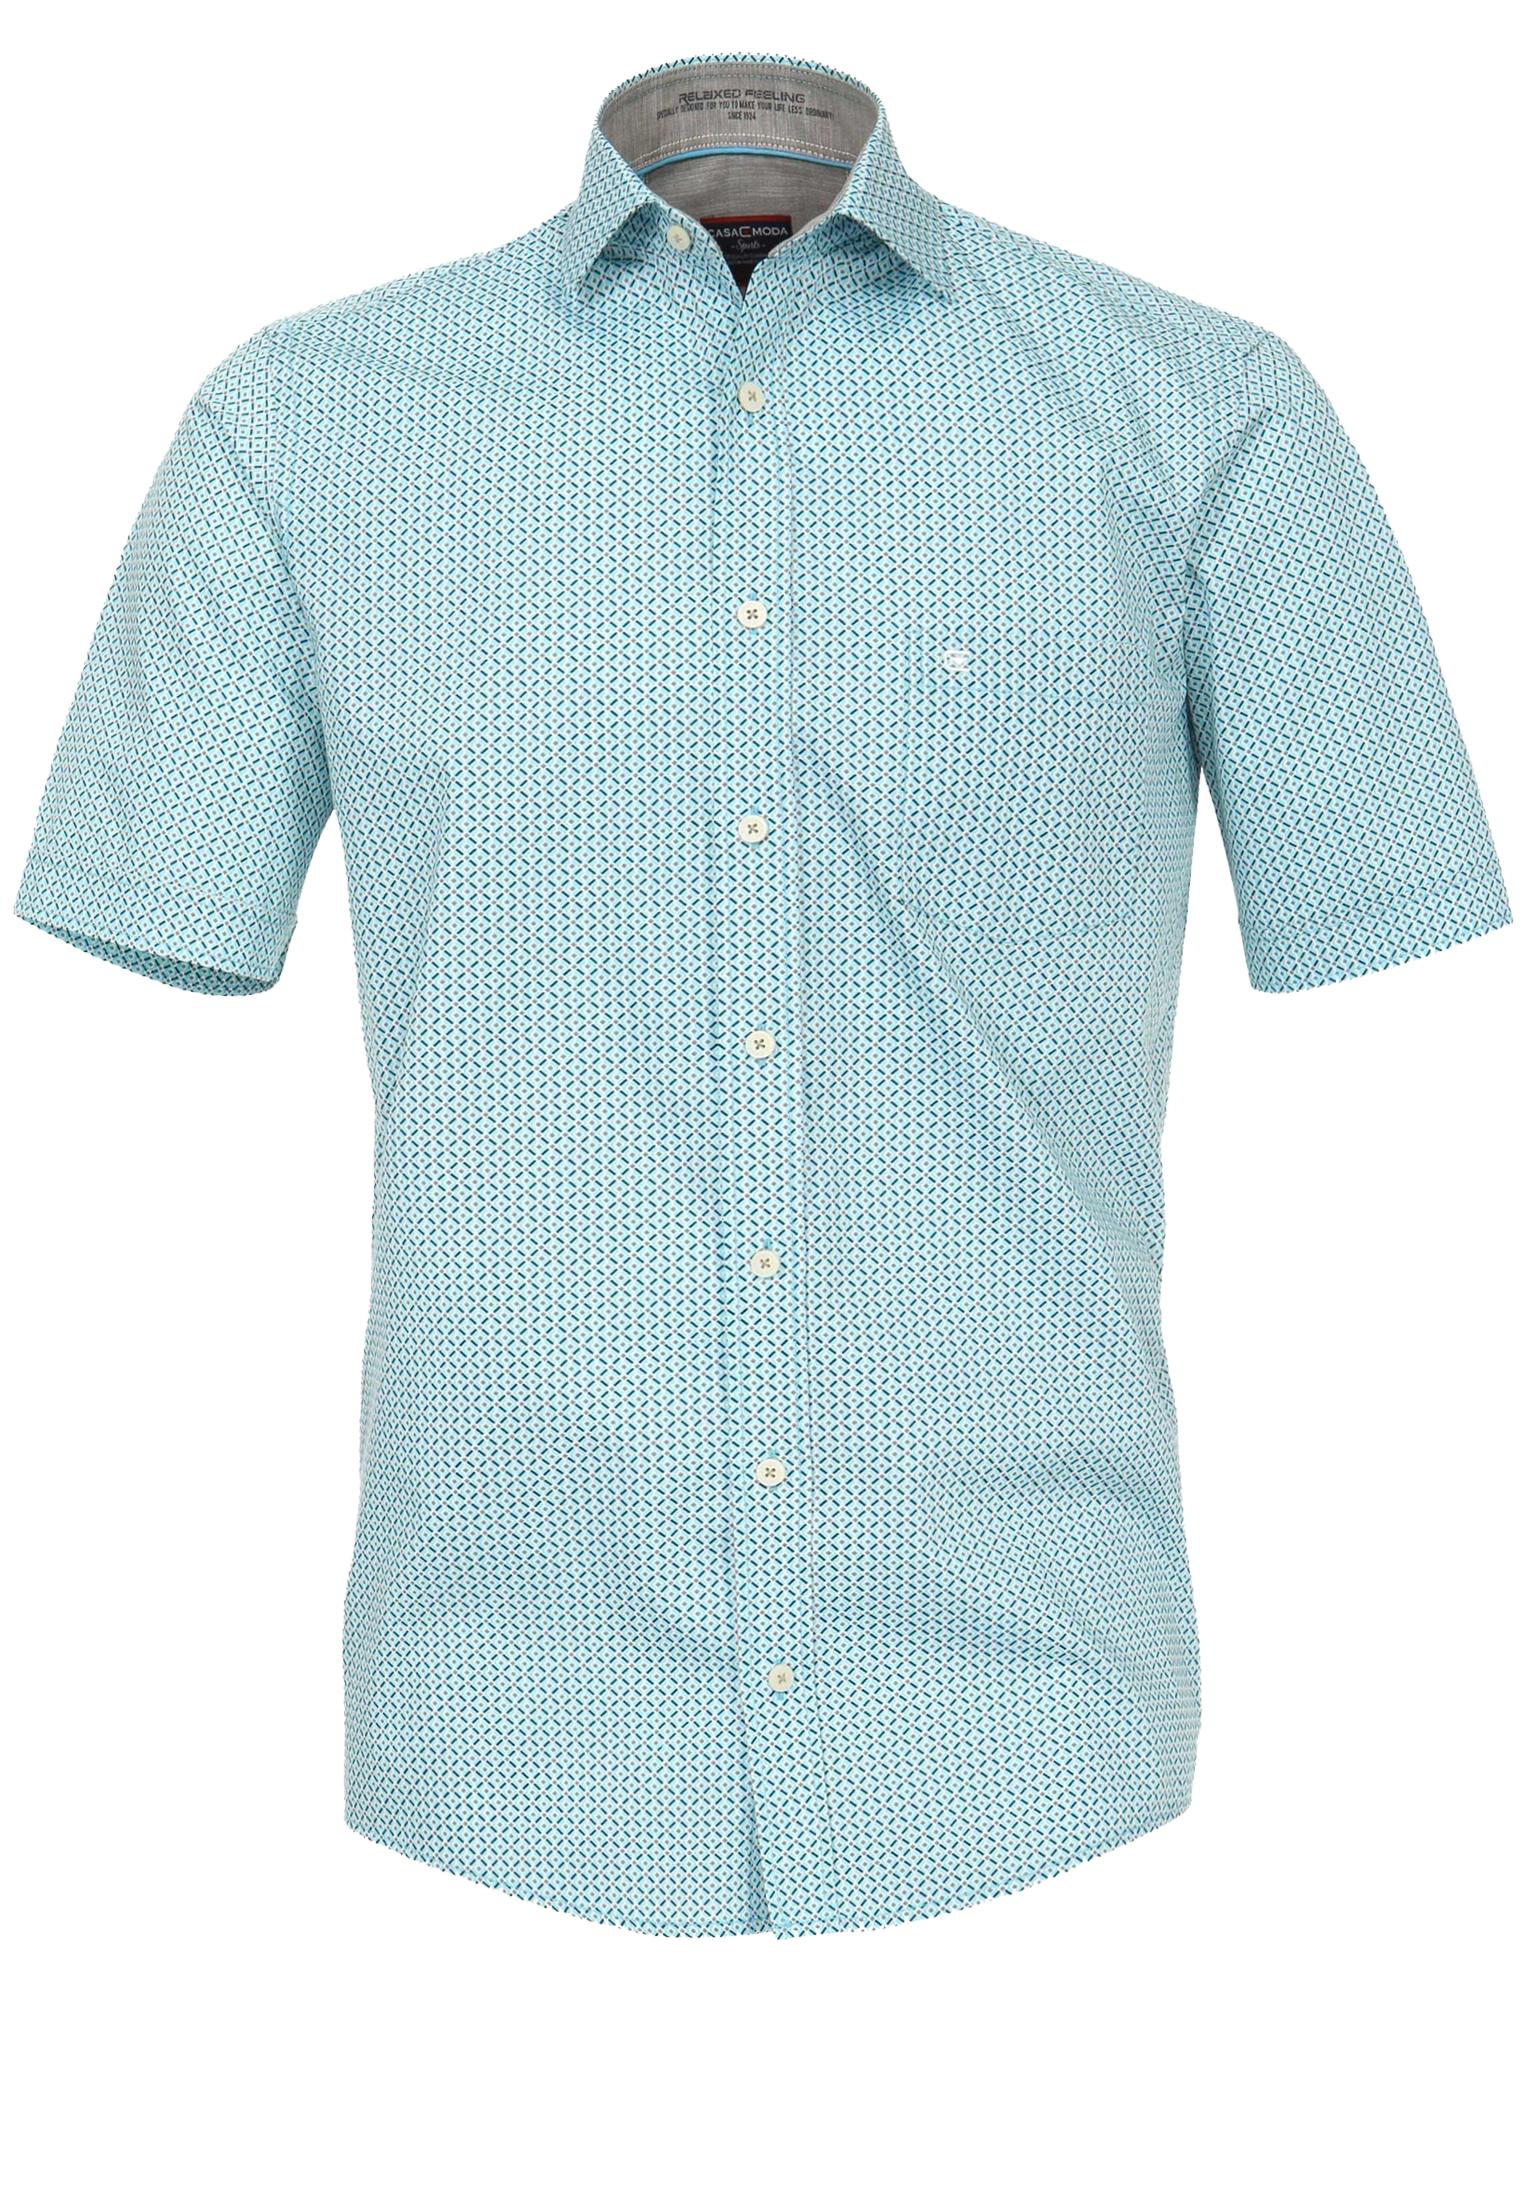 Overhemd met korte mouwen van Casa Moda. Het overhemd heeft een borstzakje op de linkerkant. Het overhemd is rond afgezoomd. Erg mooi overhemd voor de zomer.